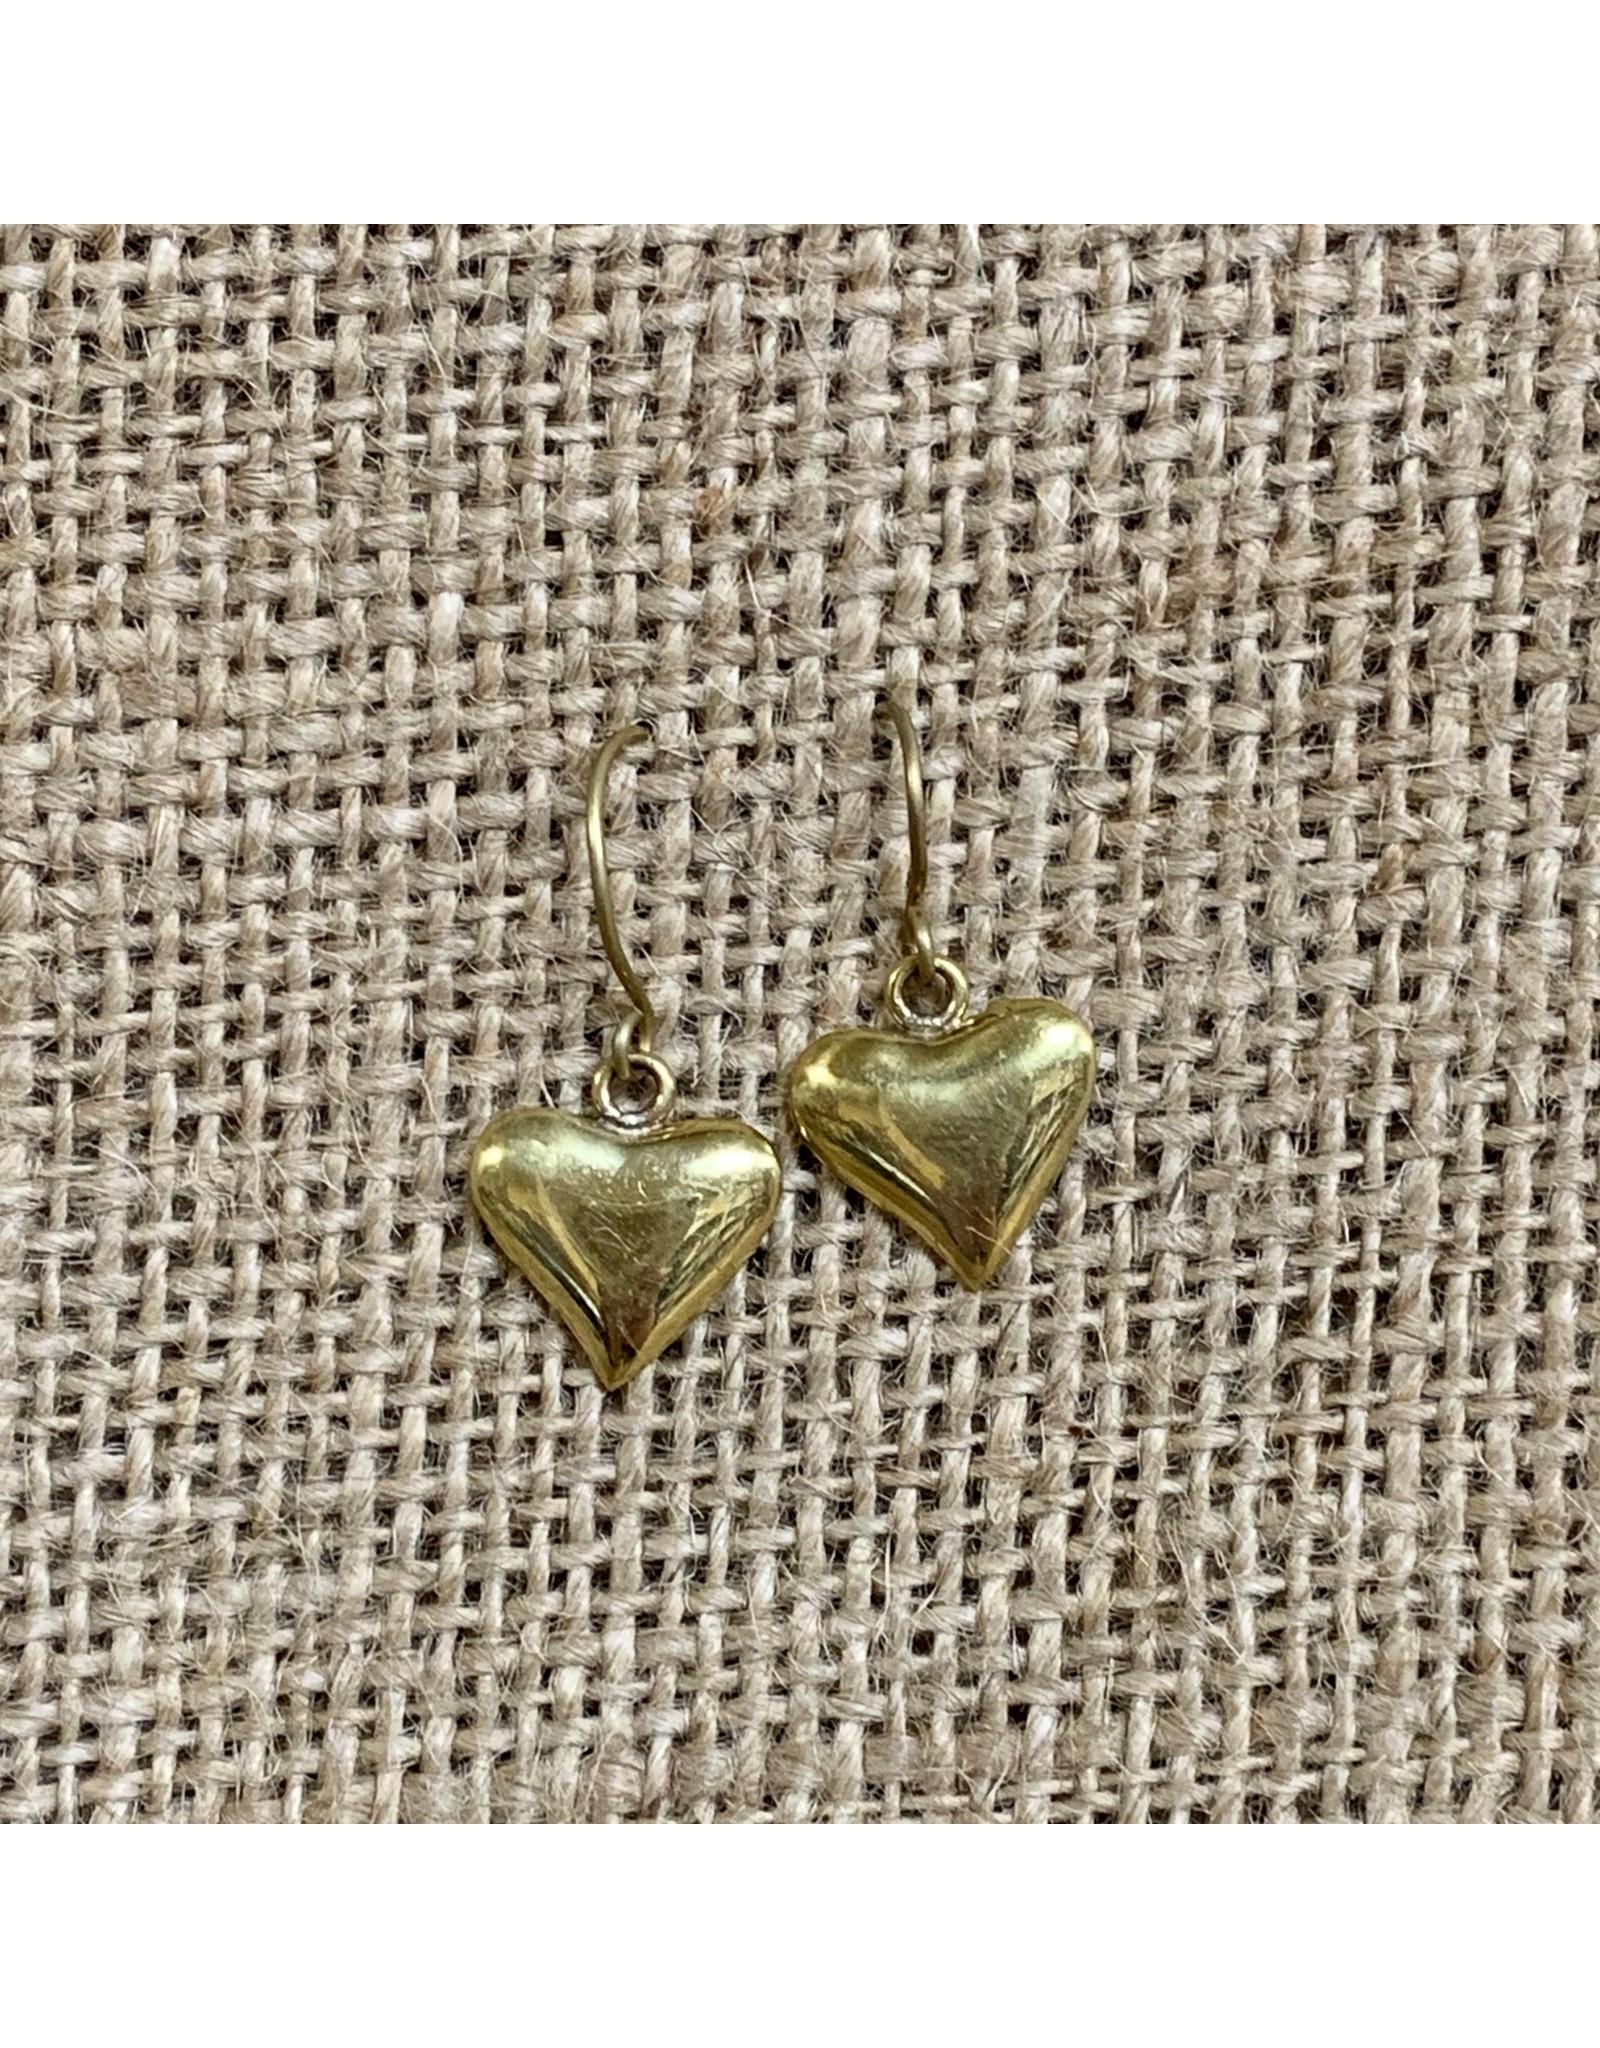 Ten Thousand Villages Gold Heart Earrings